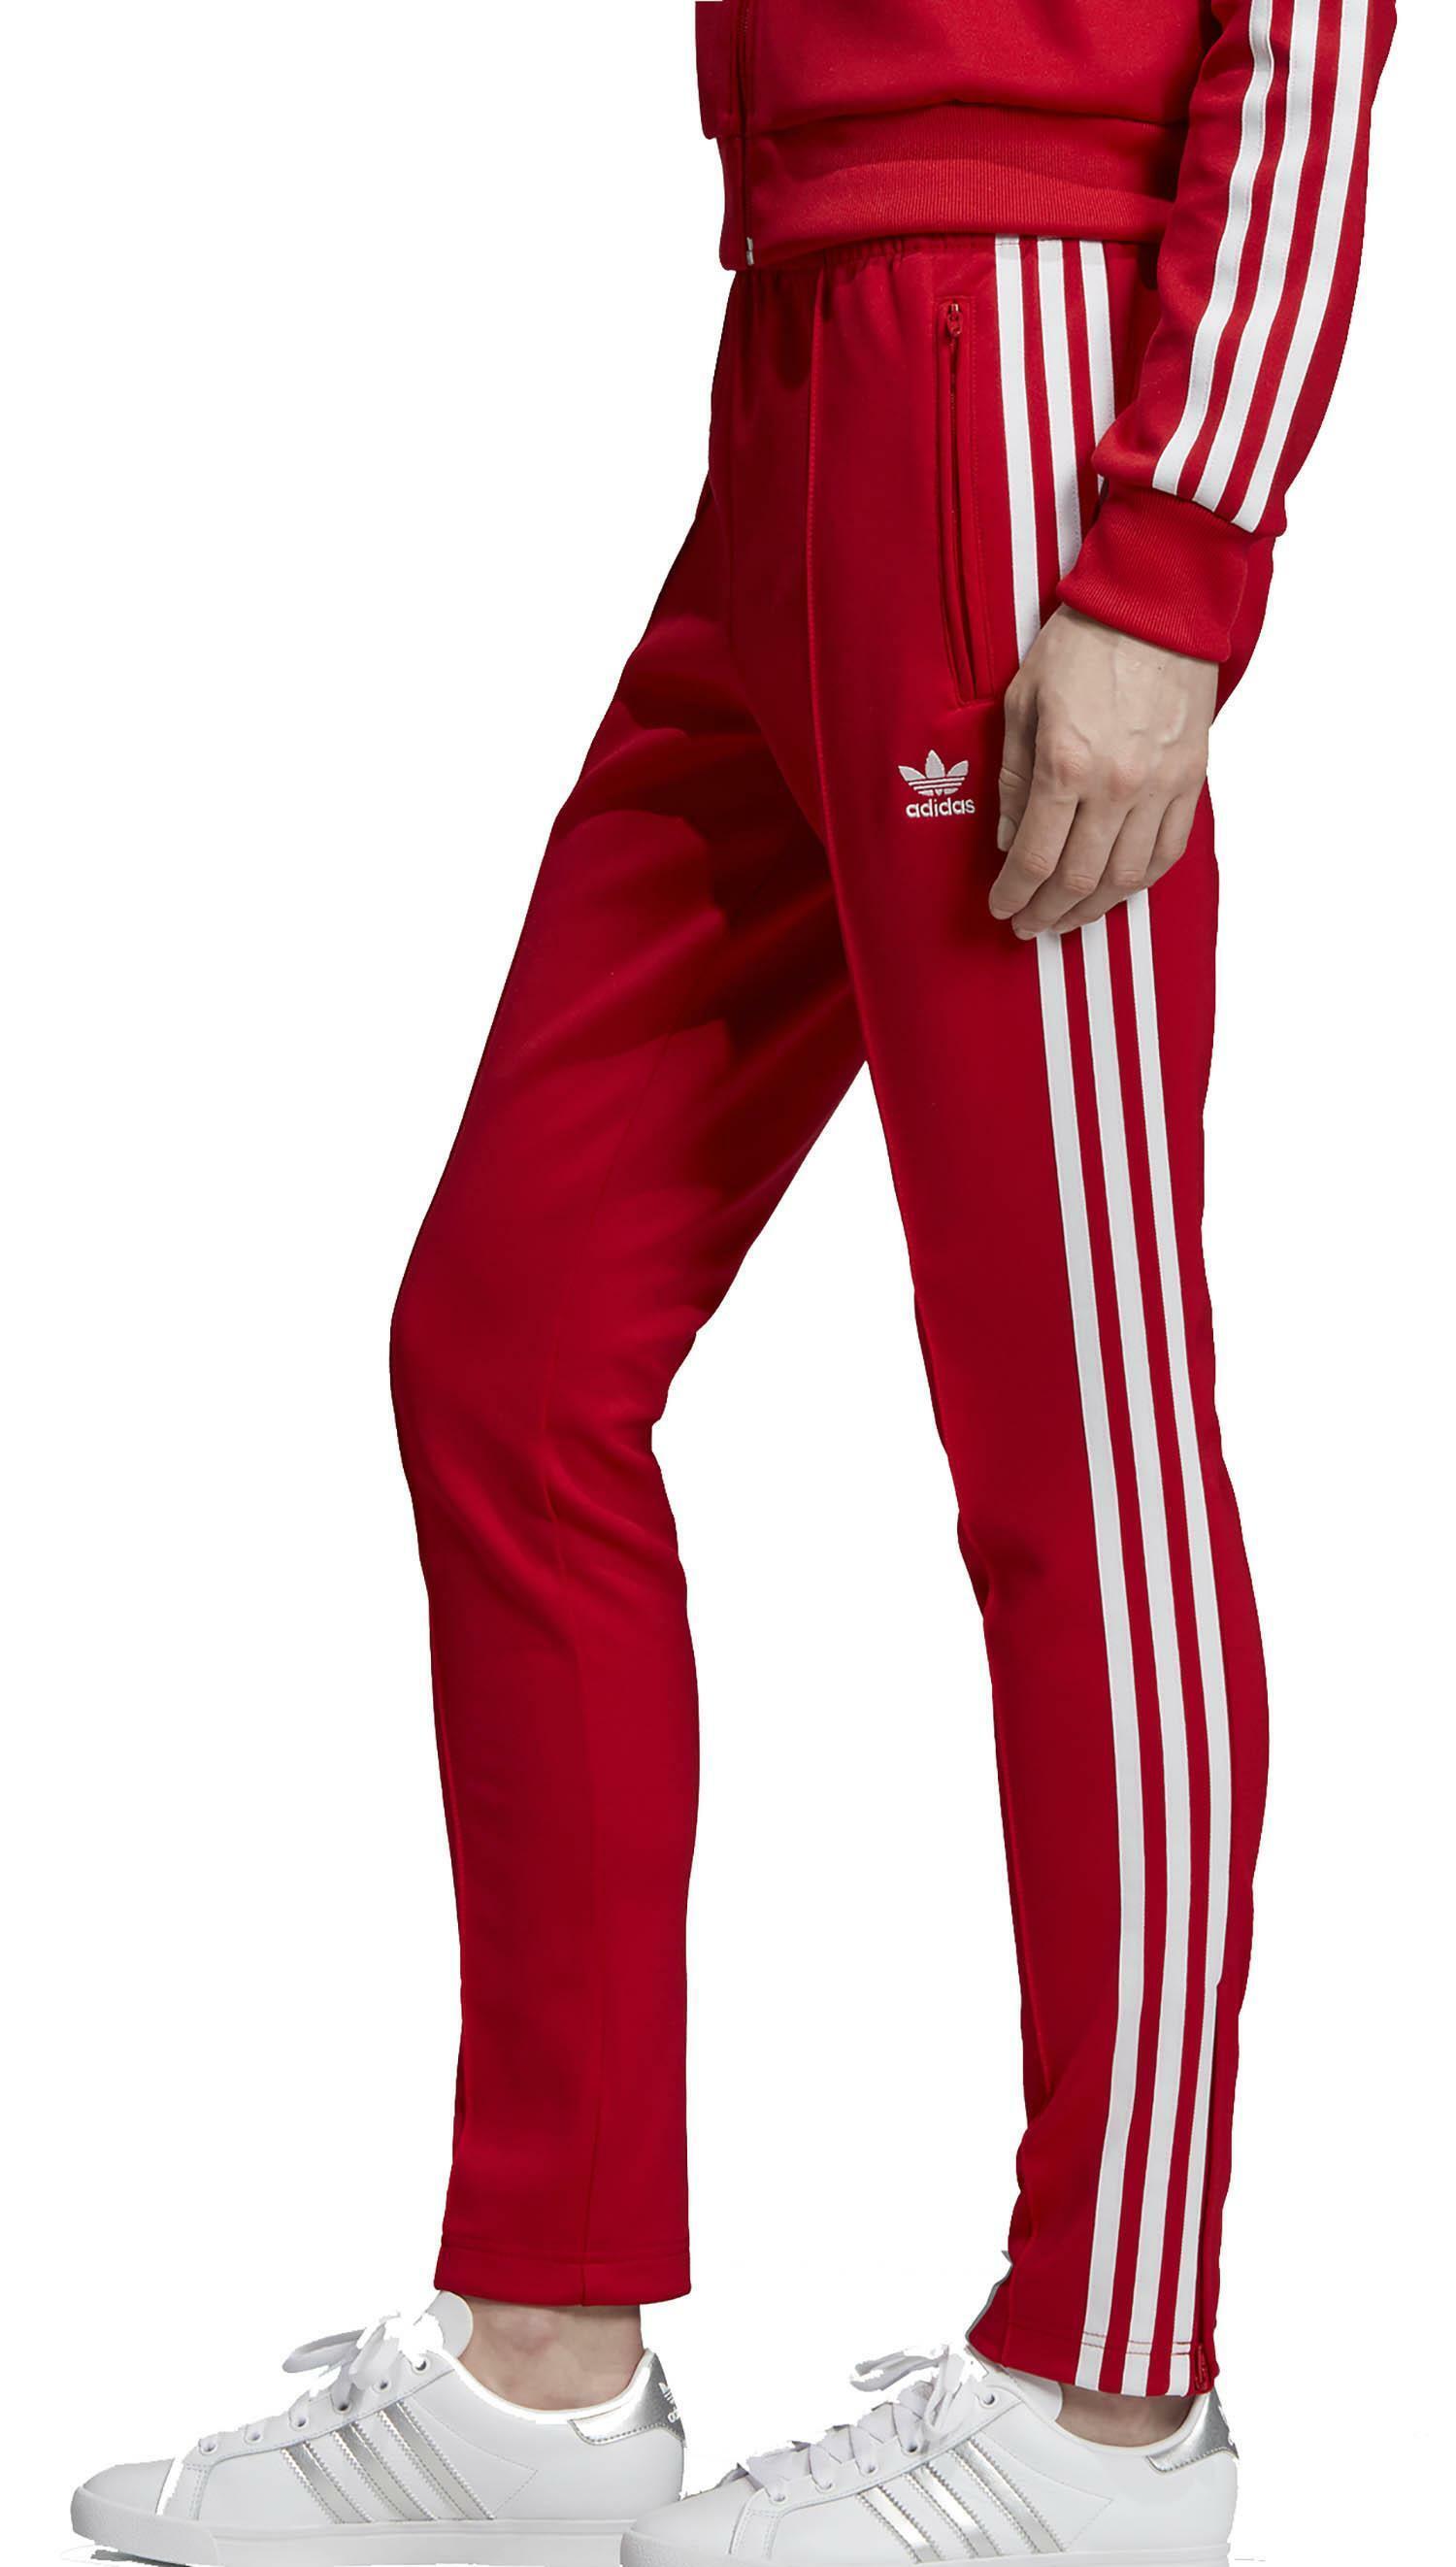 rote jogginghose adidas damen